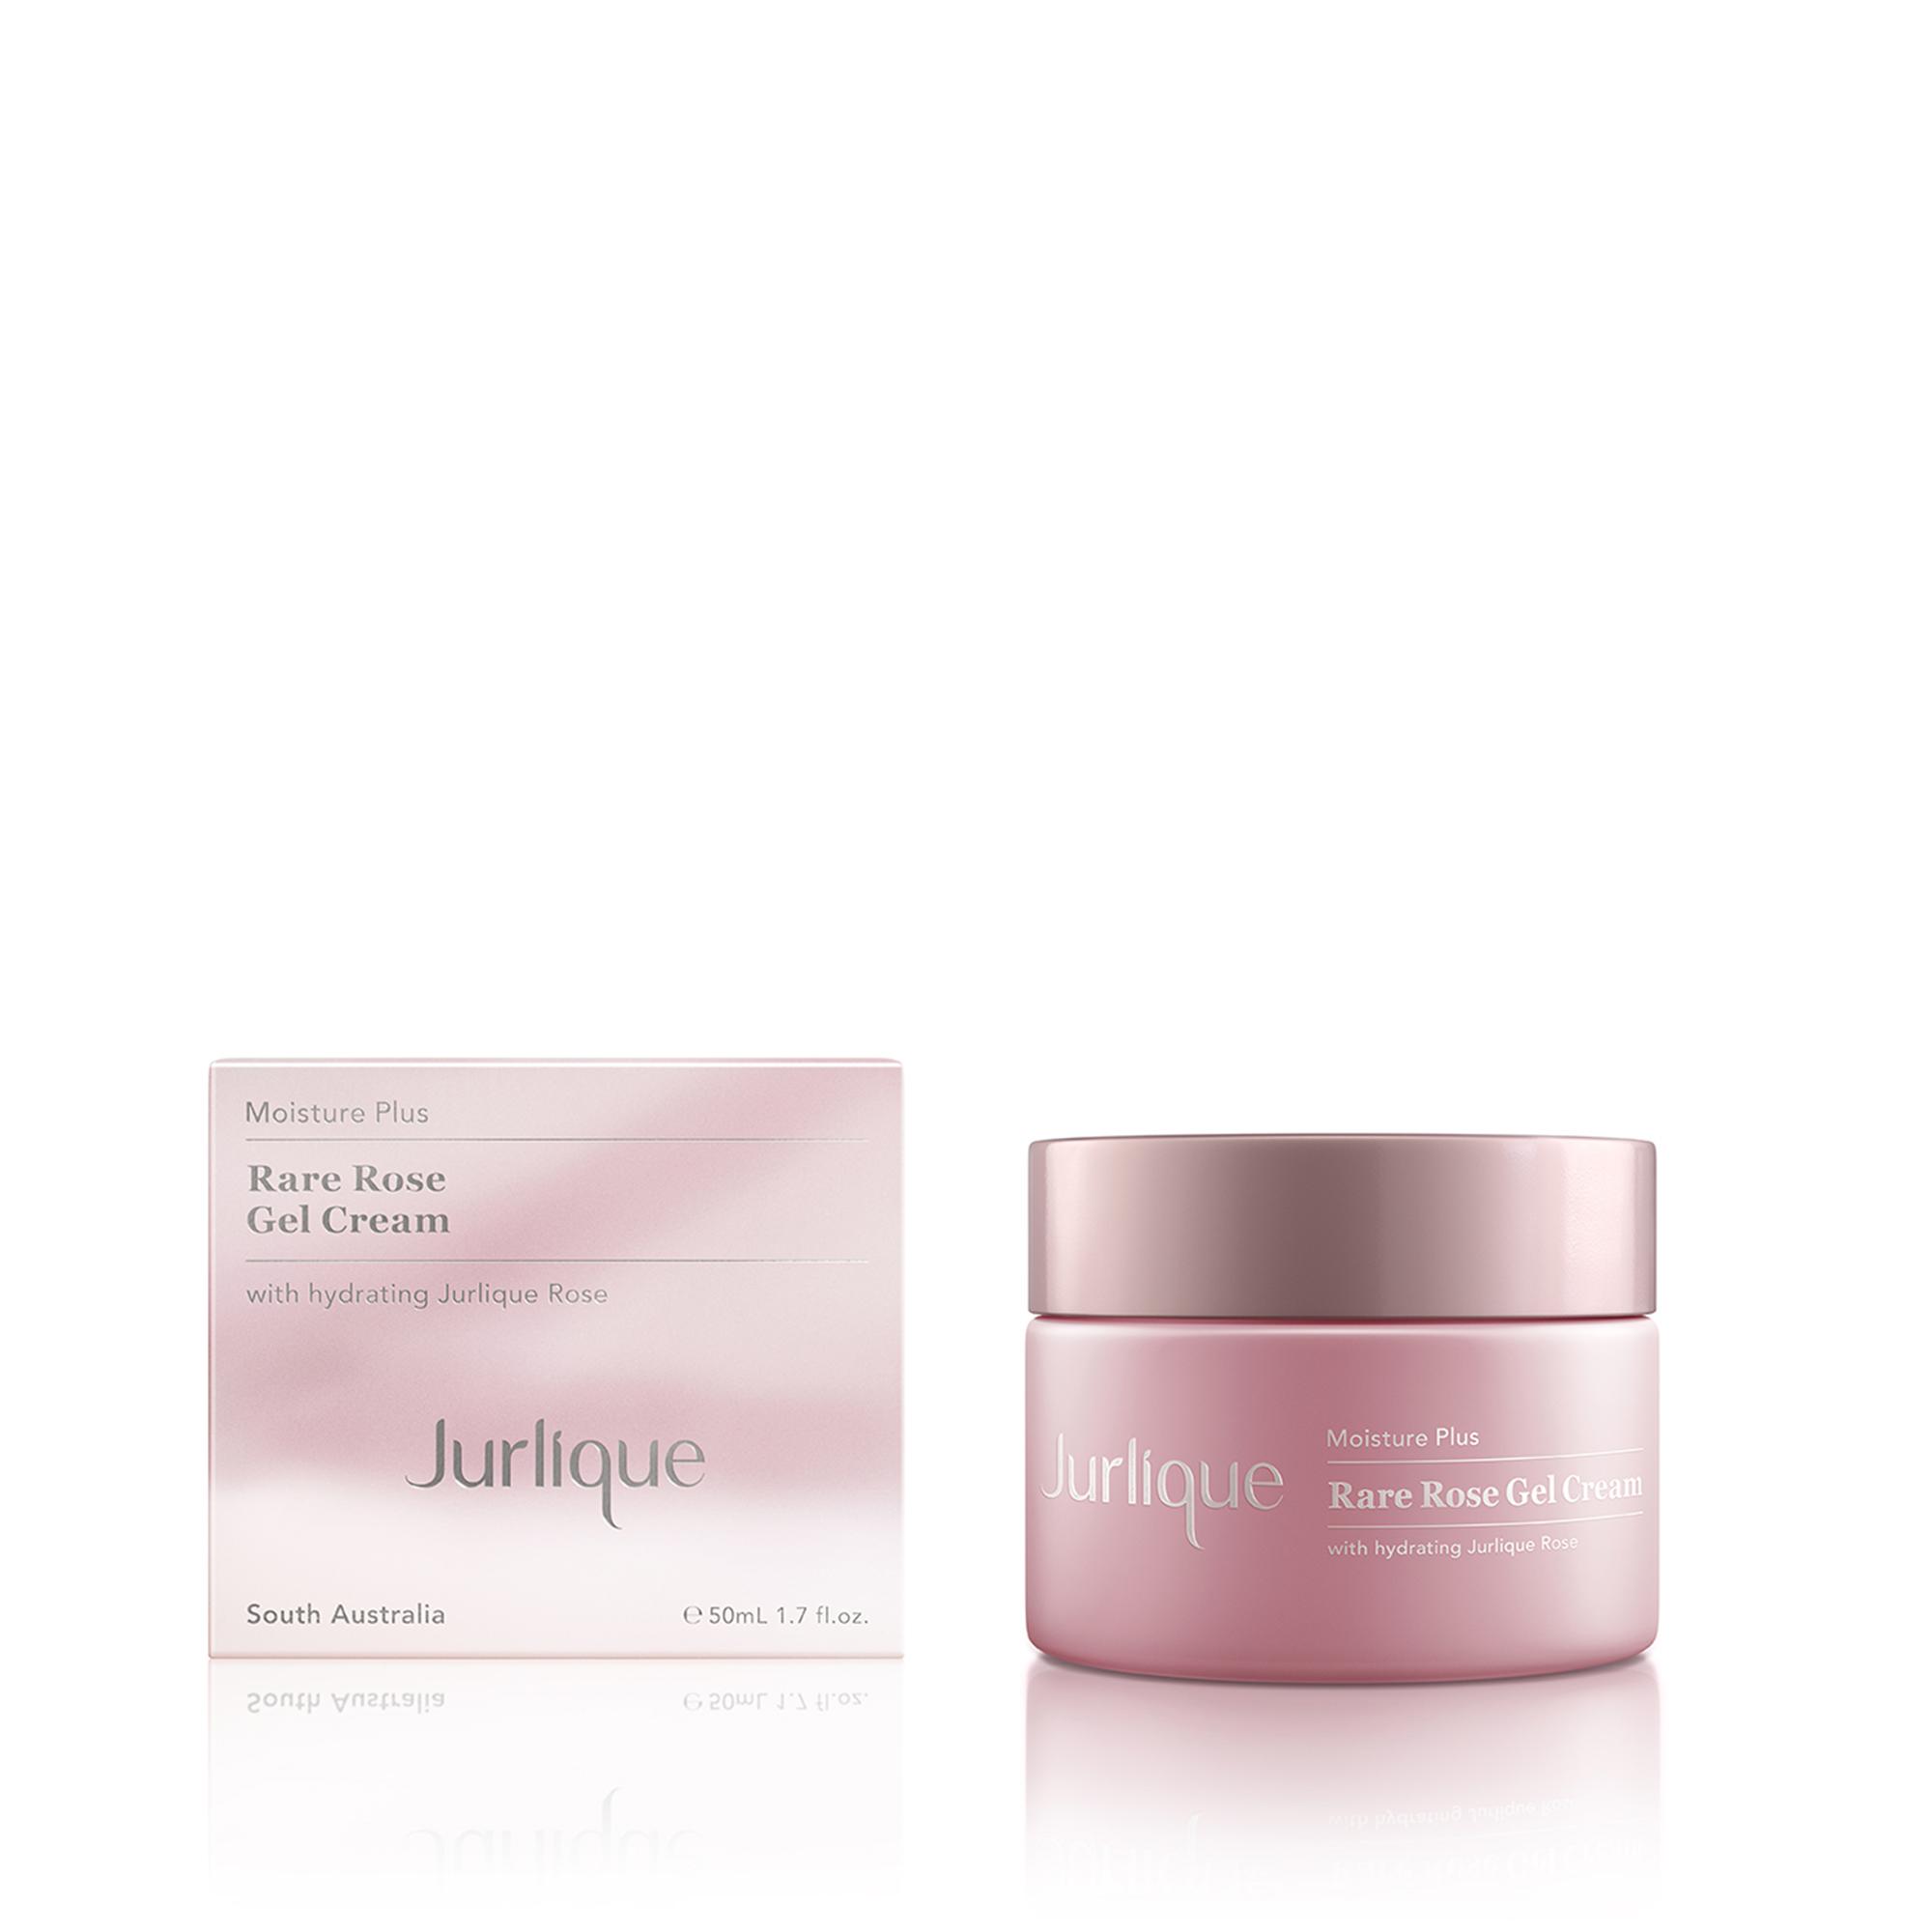 Jurlique Moisture Plus Rare Rose Gel Cream, 50 ml